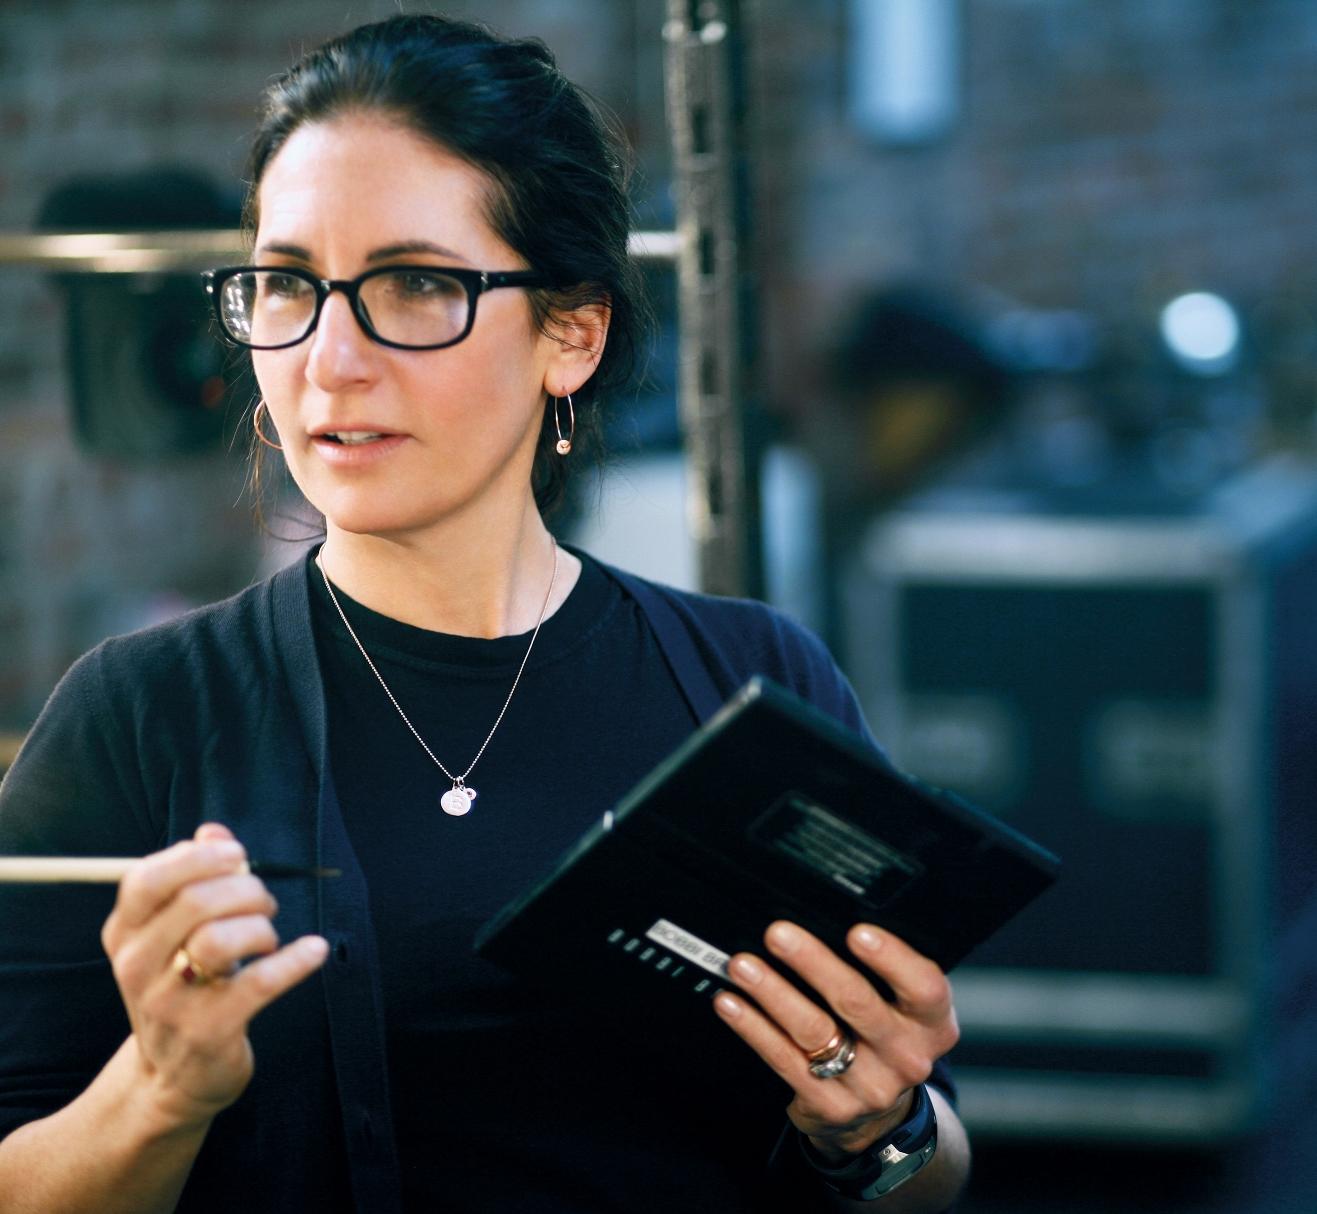 Стань собственным визажистом с Bobbi Brown: уроки макияжа и уверенности в себе